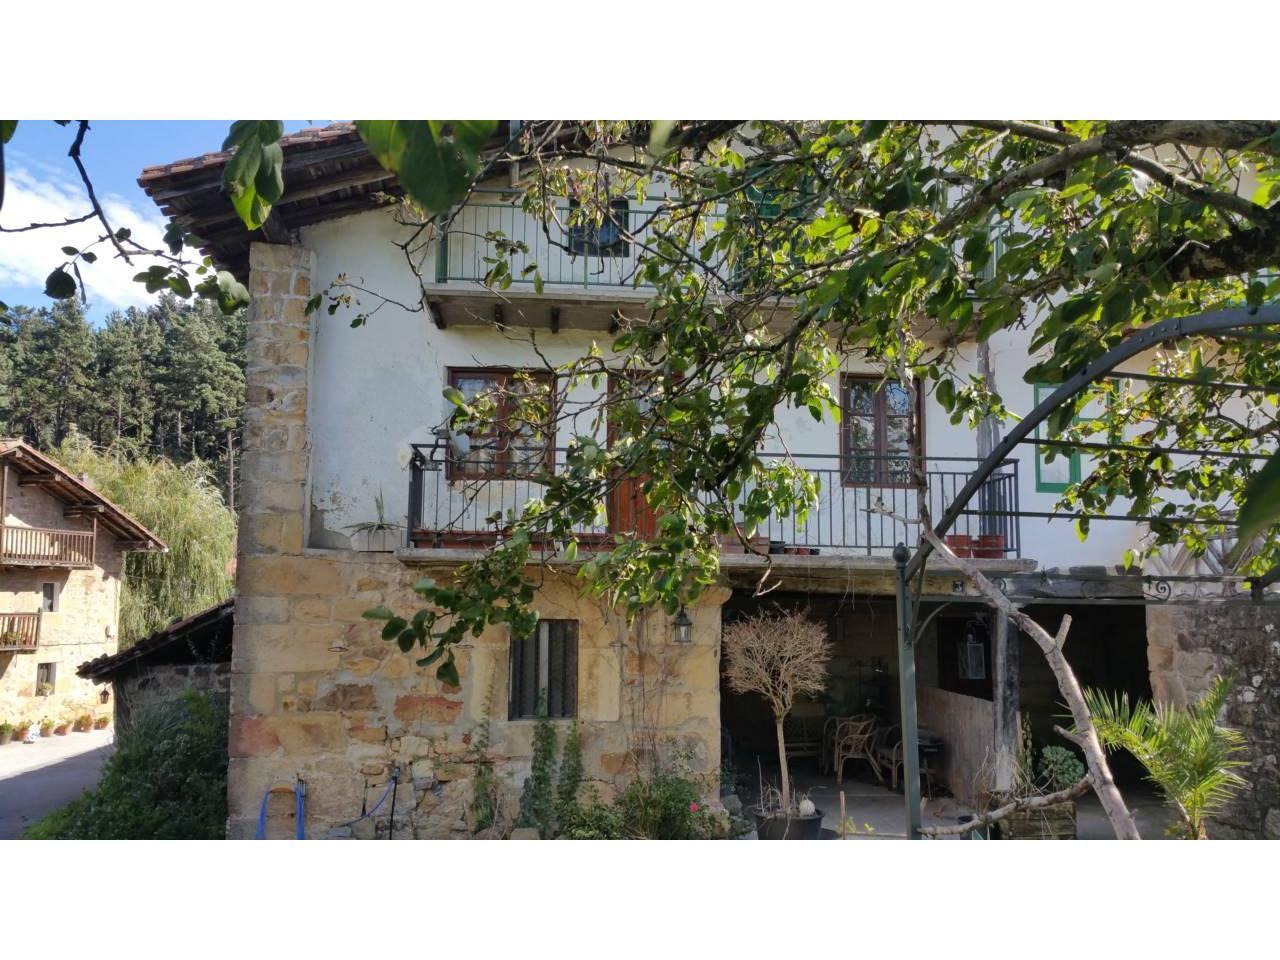 Inmobiliaria larrea casa de campo en venta en amorebieta - Inmobiliarias en amorebieta ...